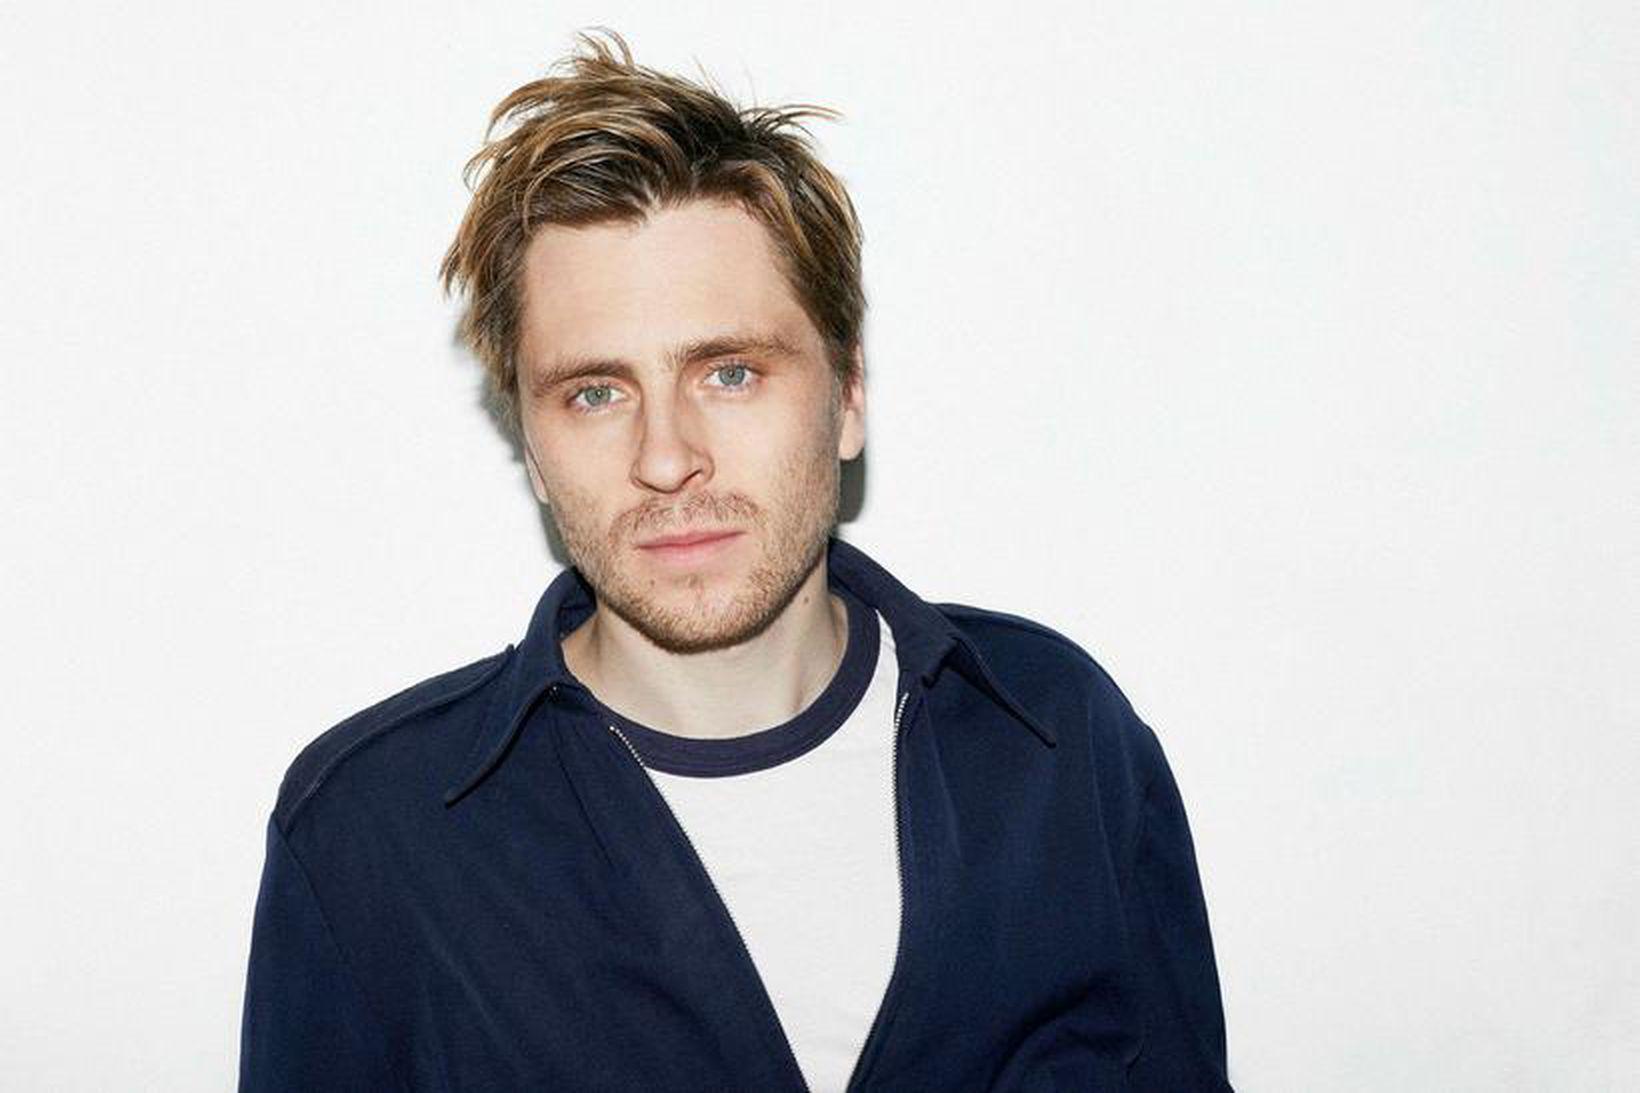 Sverrir Guðnason fer með hlutverk í tveimur kvikmyndum sem sýndar …